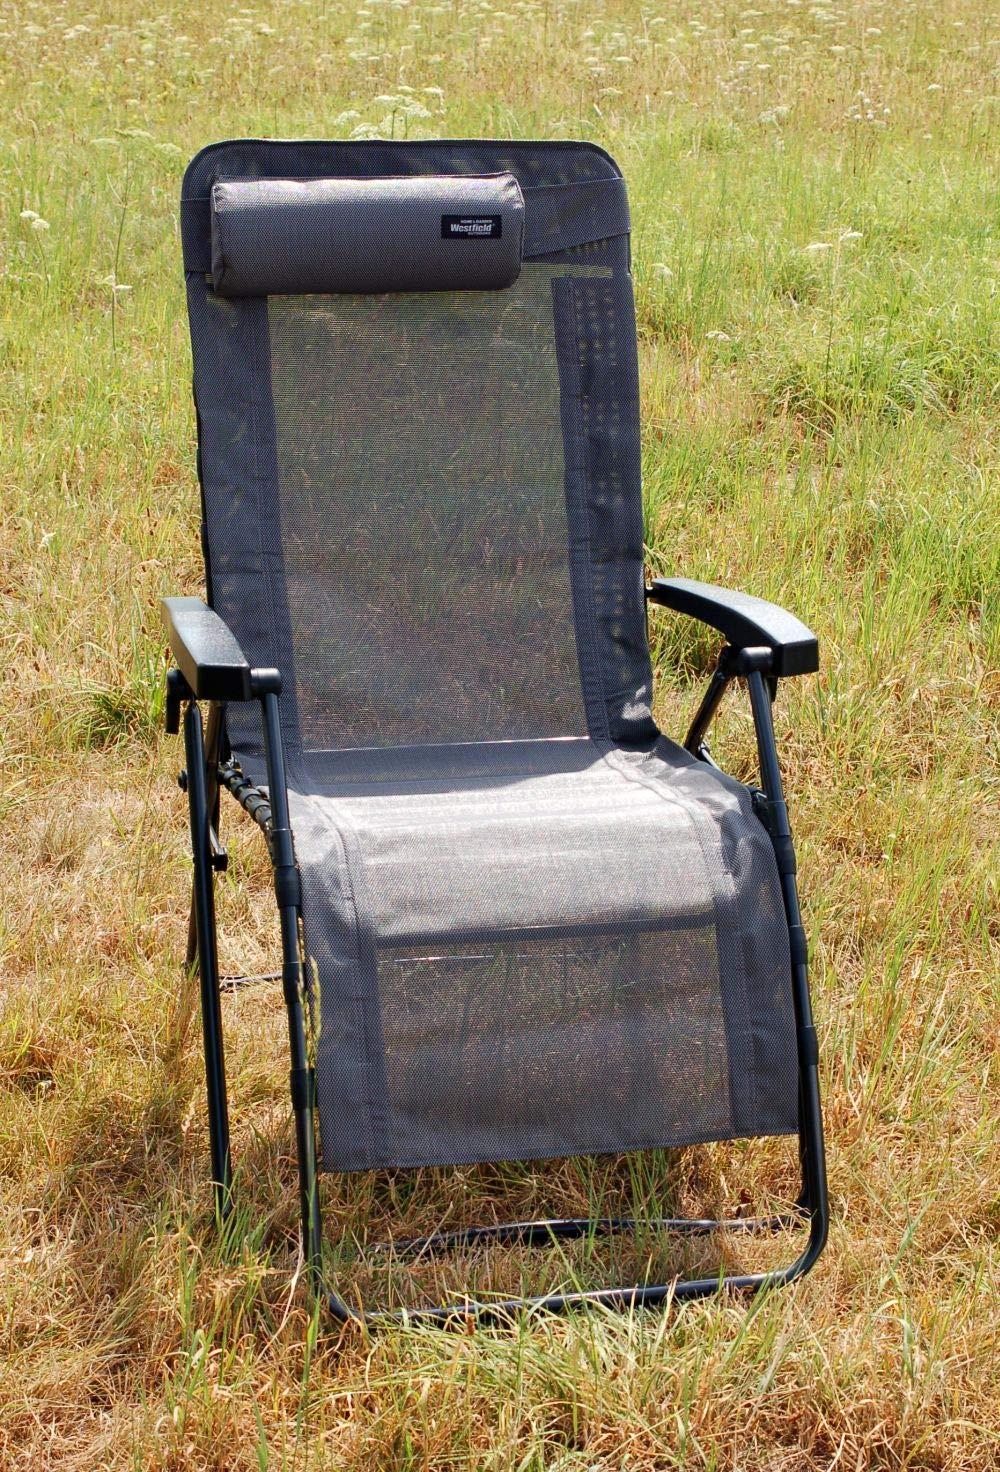 Westfield Home /& Garden Relax Lounger grau Hochlehner Gartenliege Textilene wasserabweisend 140 kg belastbar